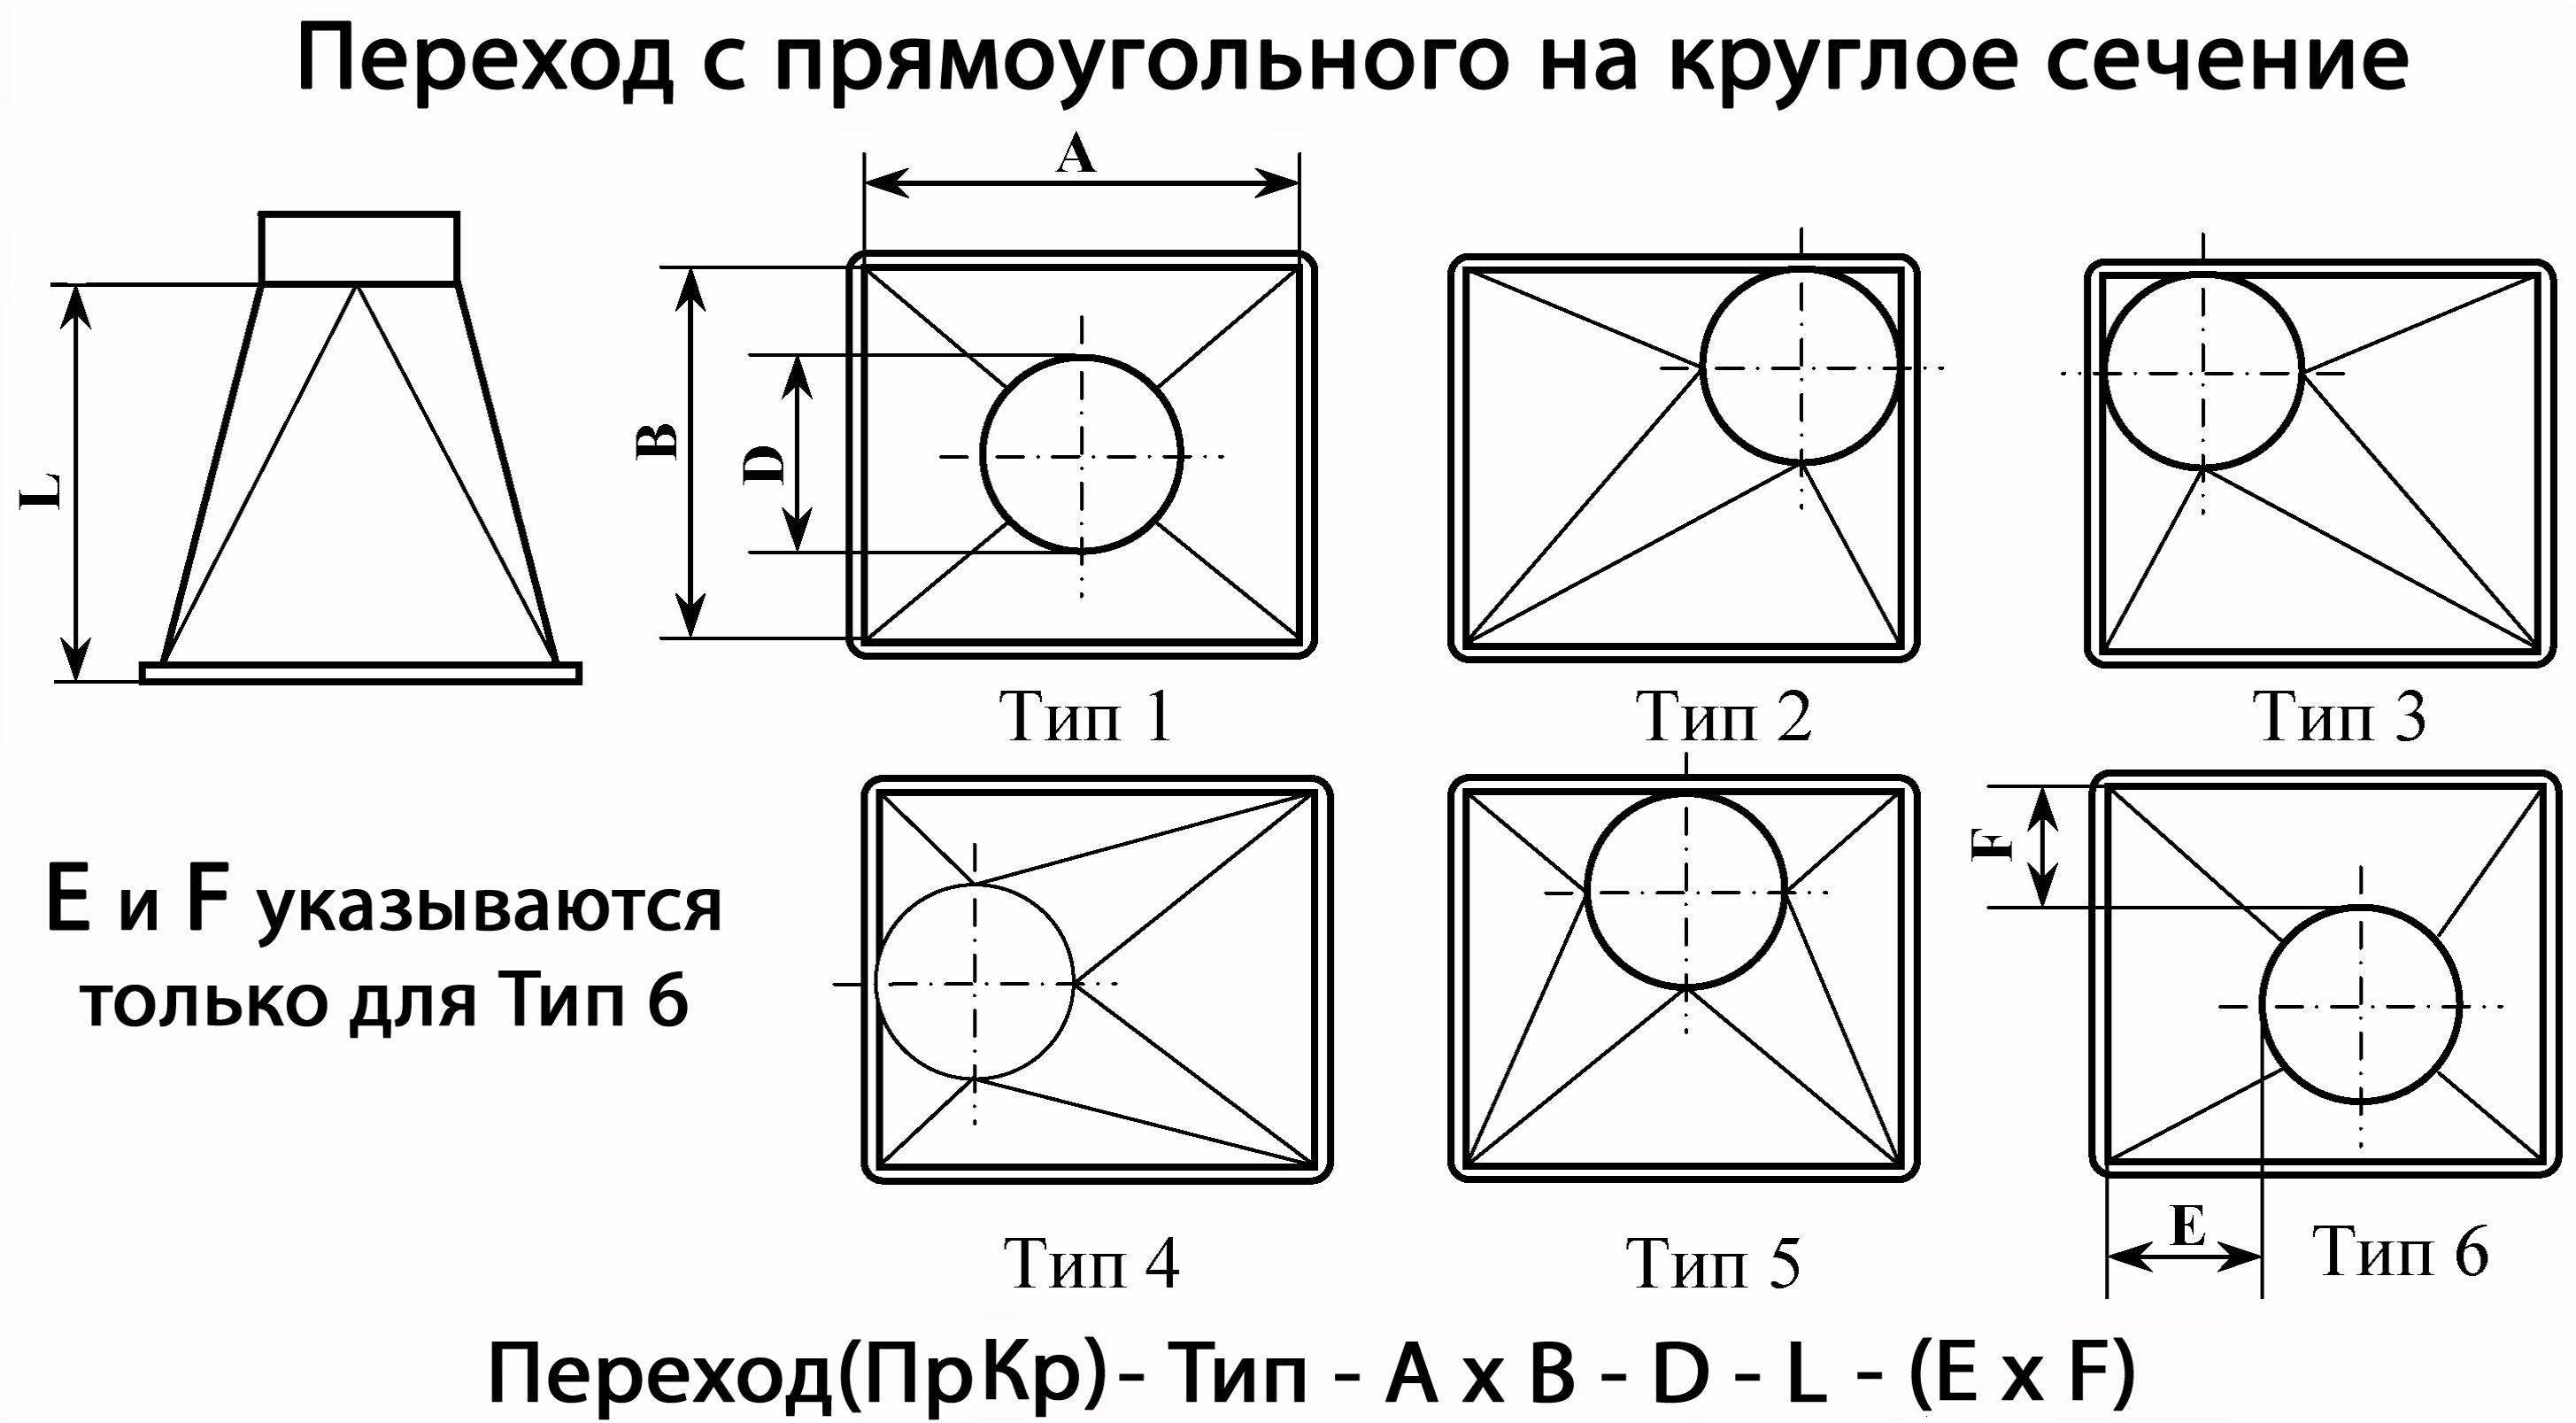 Схема для инкубаторов